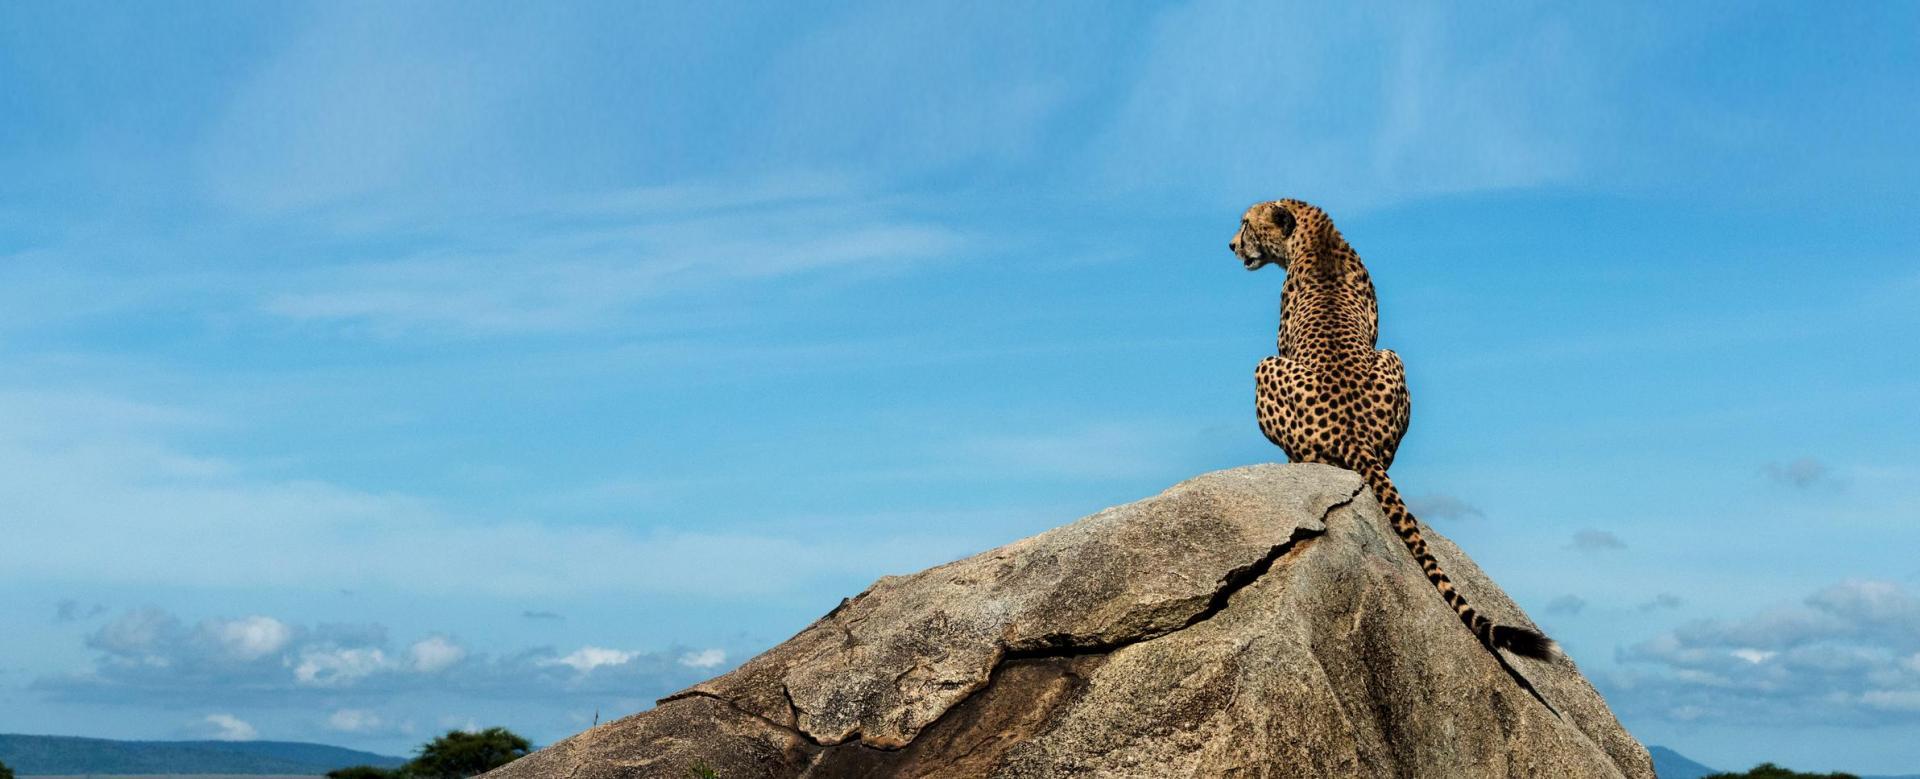 Voyage à pied : Kili machame et grands safaris